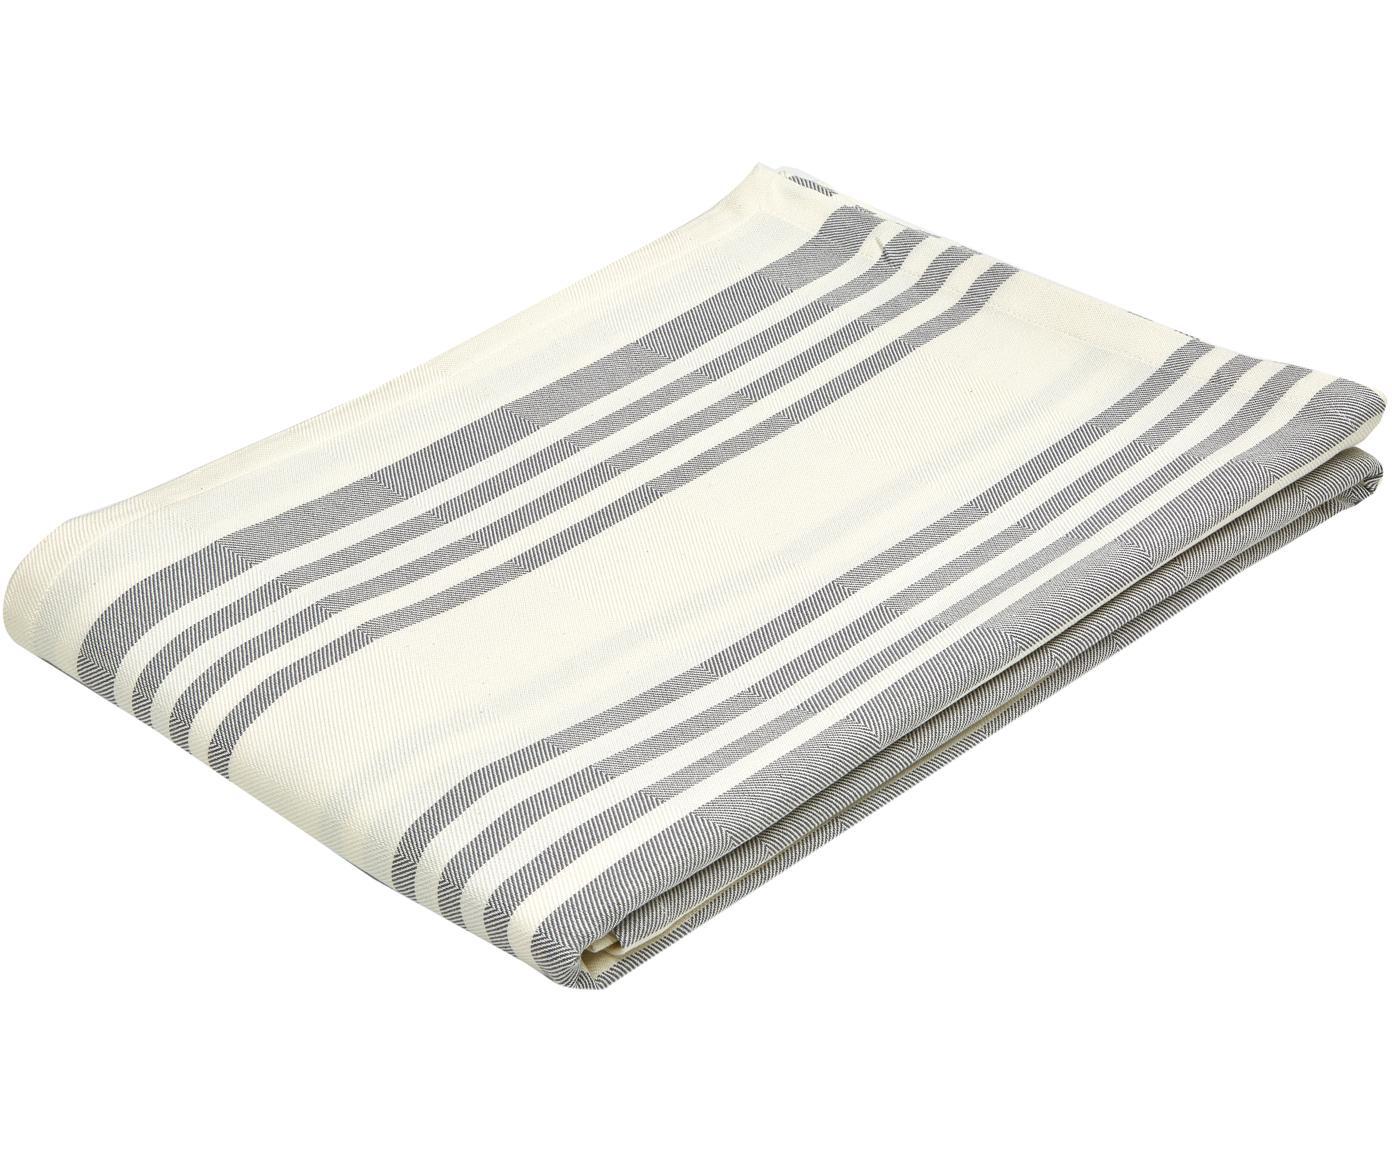 Tovaglia Arca, Cotone, Bianco, bianco latteo, Per 8-10 persone (Larg. 140 x Lung. 270 cm)